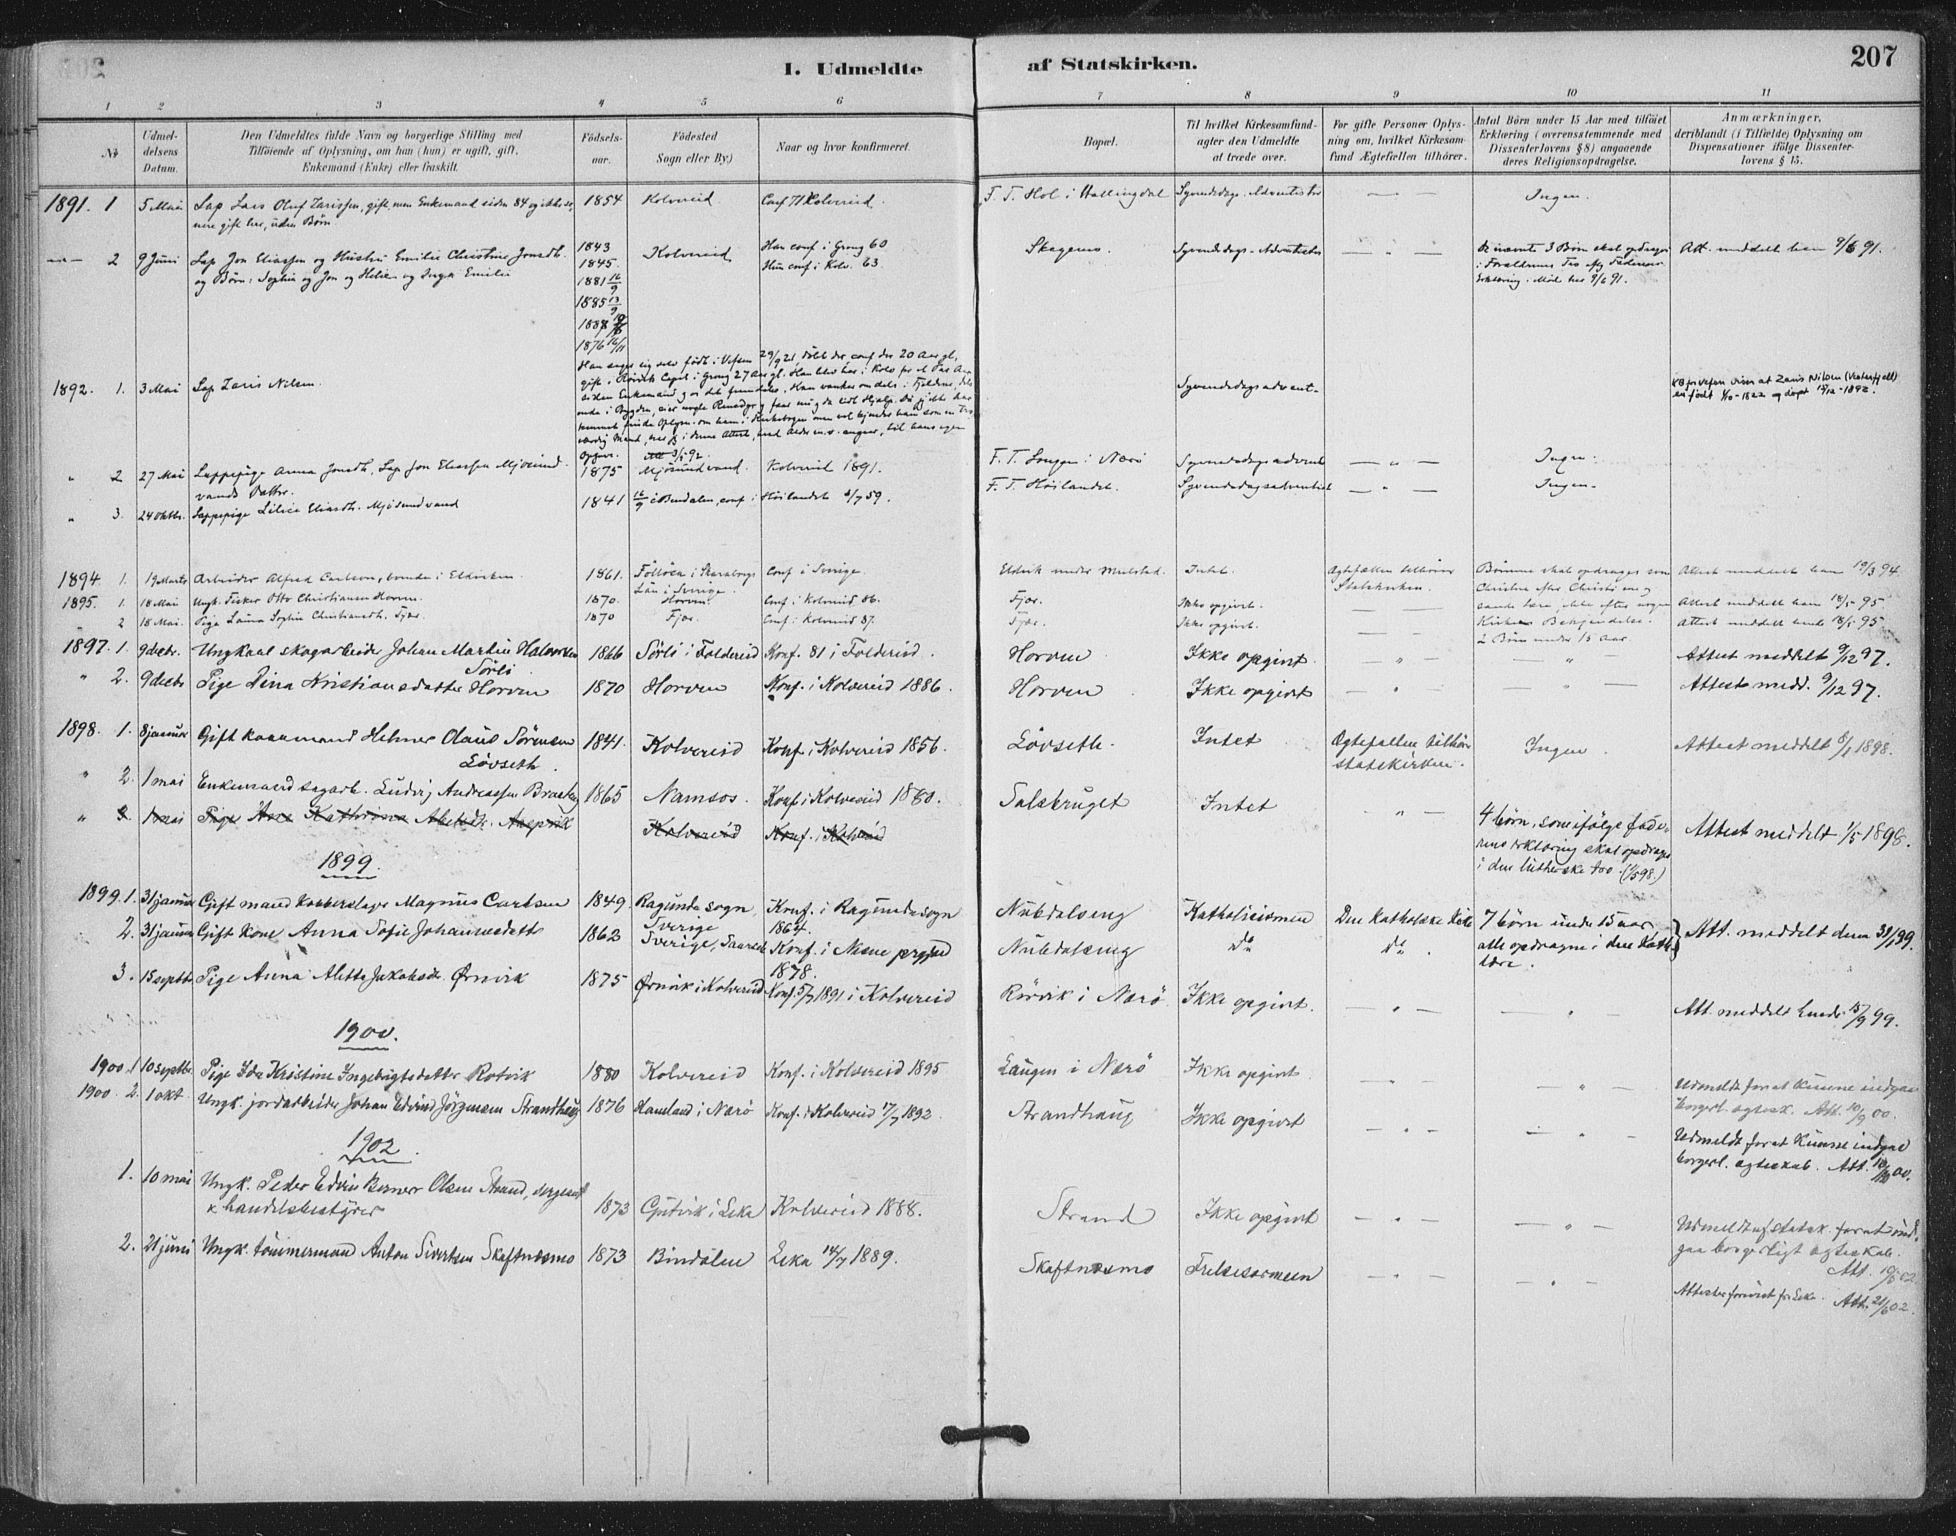 SAT, Ministerialprotokoller, klokkerbøker og fødselsregistre - Nord-Trøndelag, 780/L0644: Ministerialbok nr. 780A08, 1886-1903, s. 207